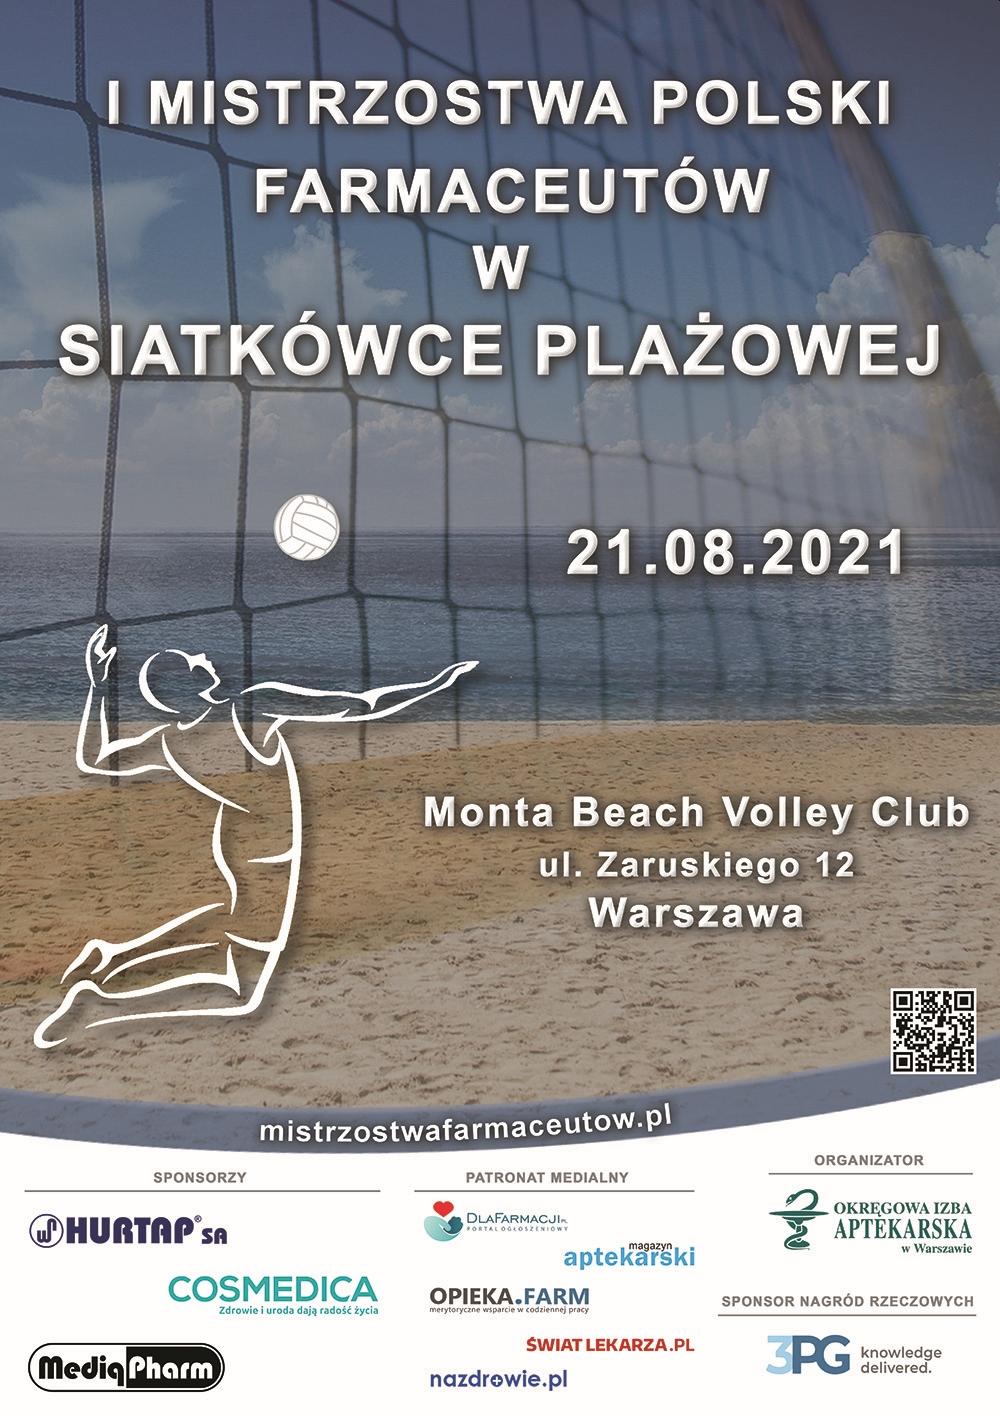 Mistrzostwa Polski Farmaceutów w siatkówce plażowej